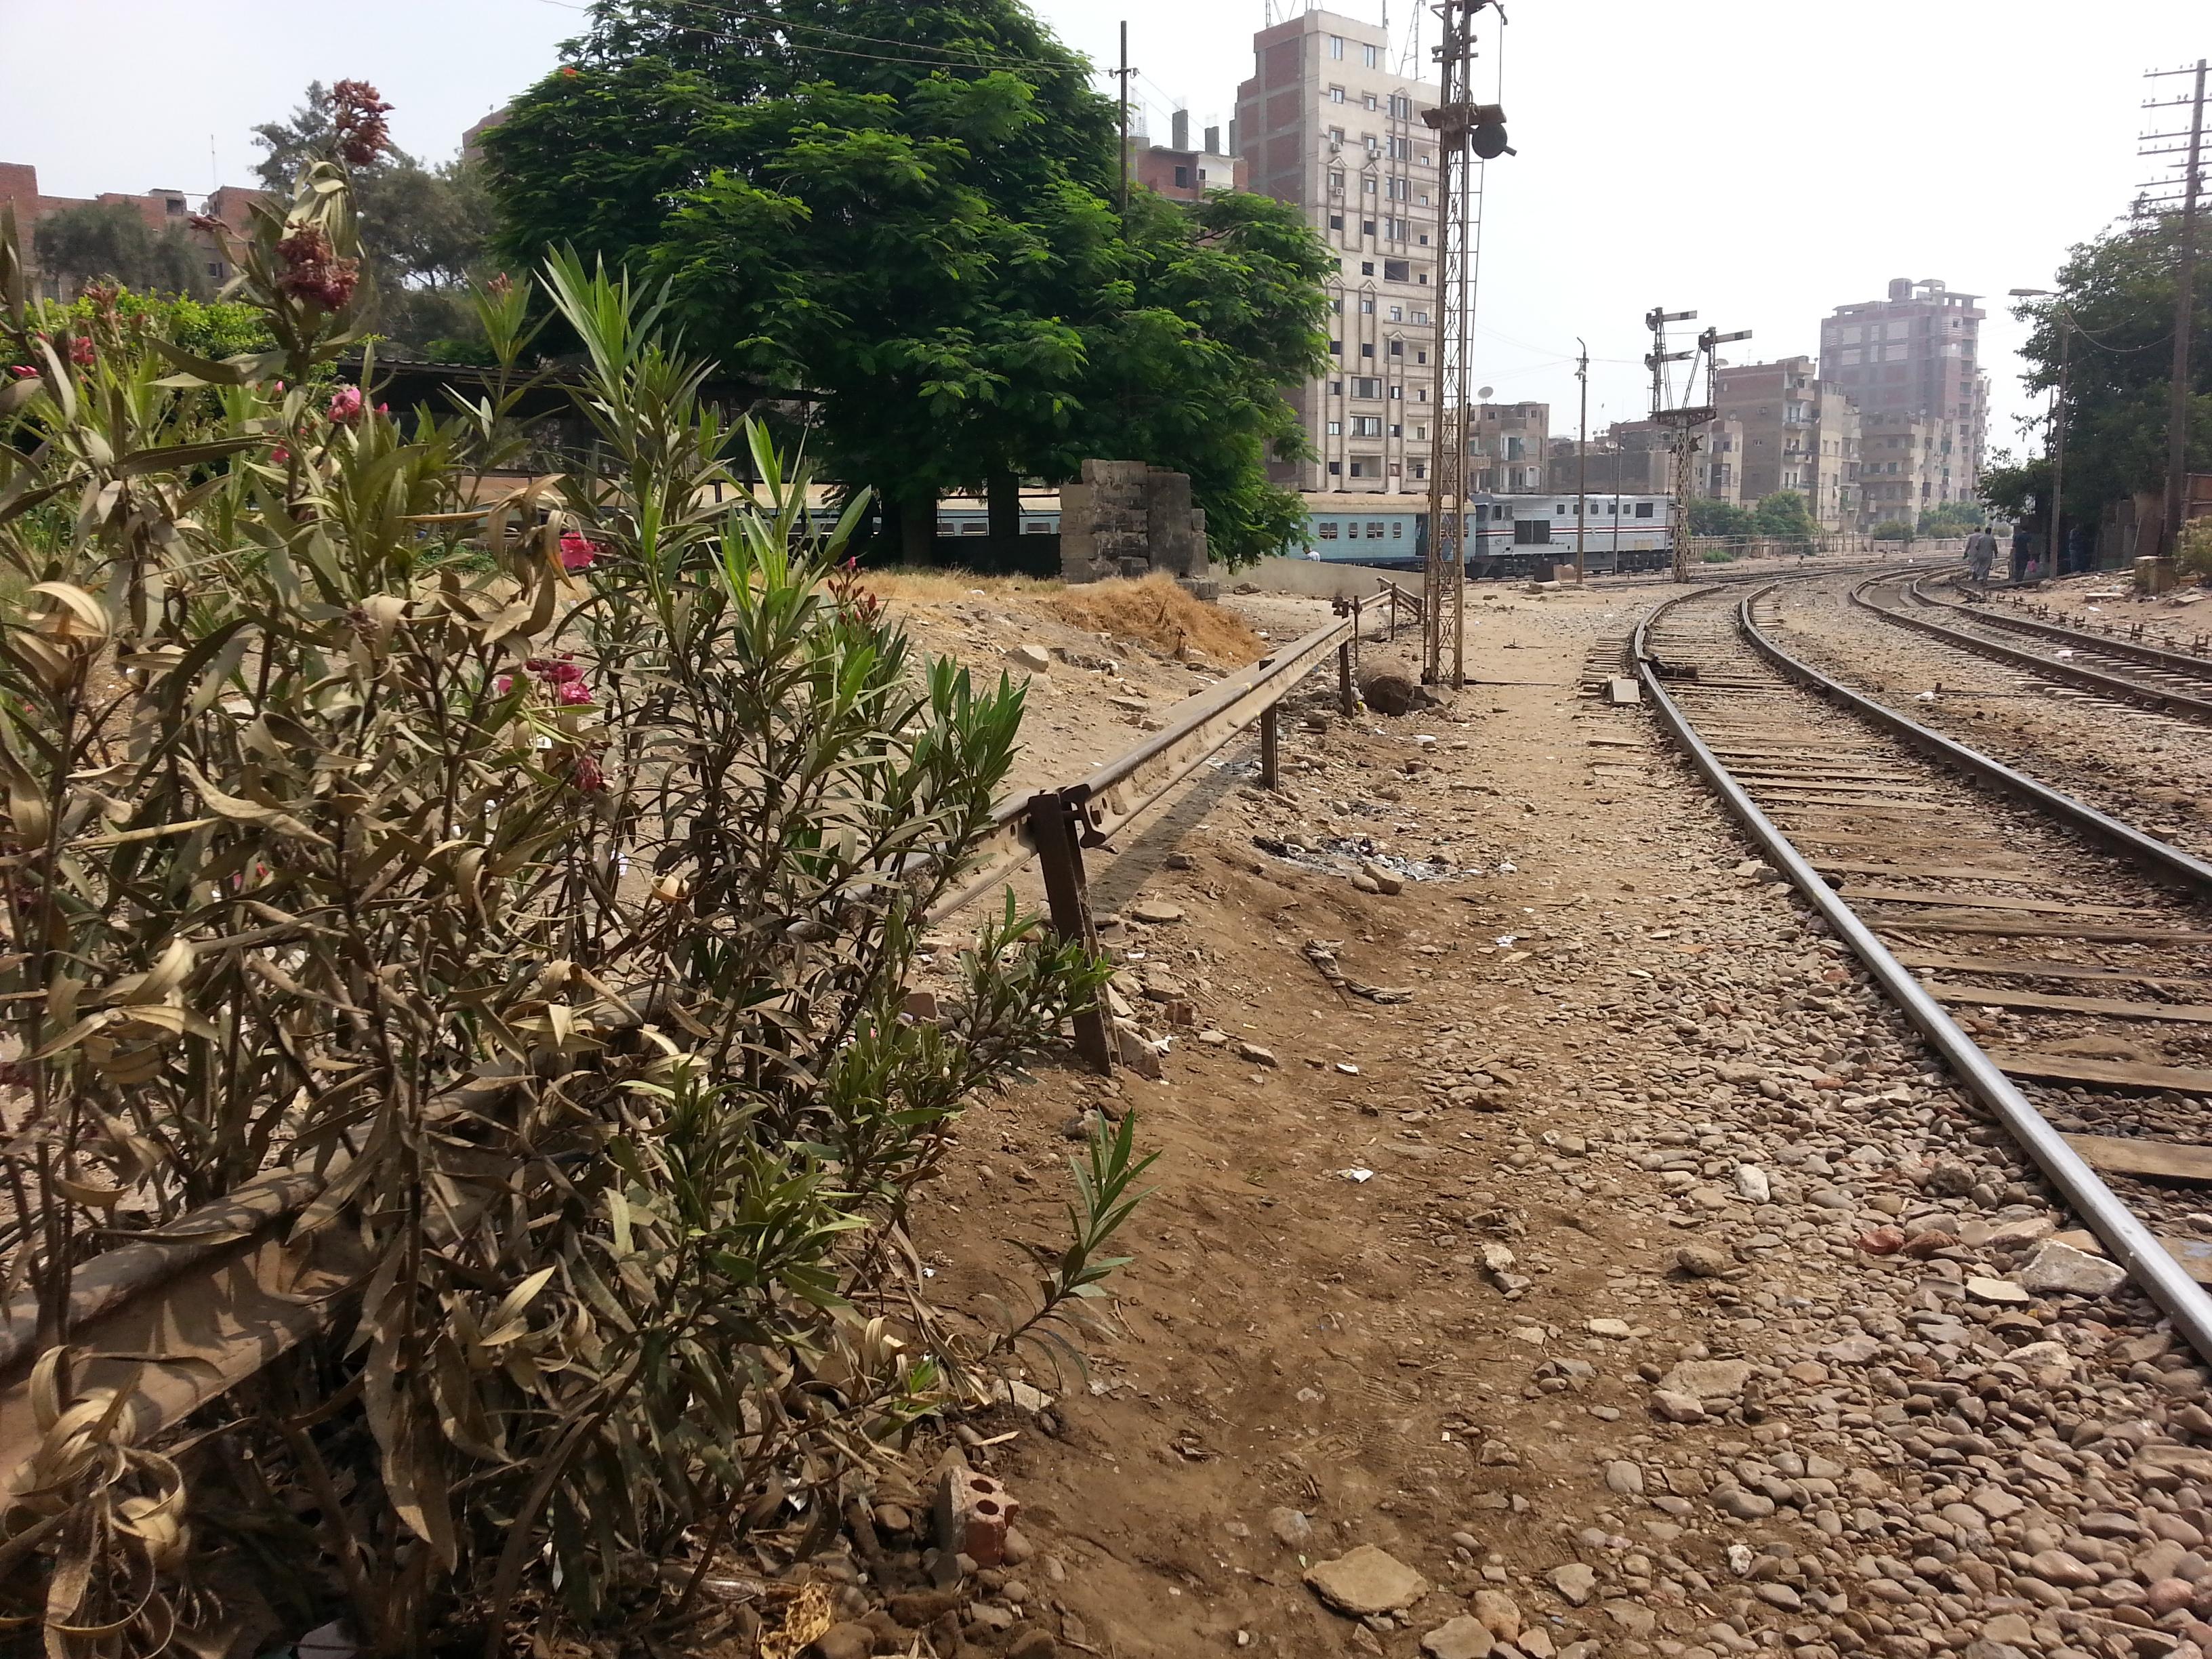 صورة مواعيد قطارات الإسكندرية القاهرة ..تعرف على أماكن الوقوف لكل قطار